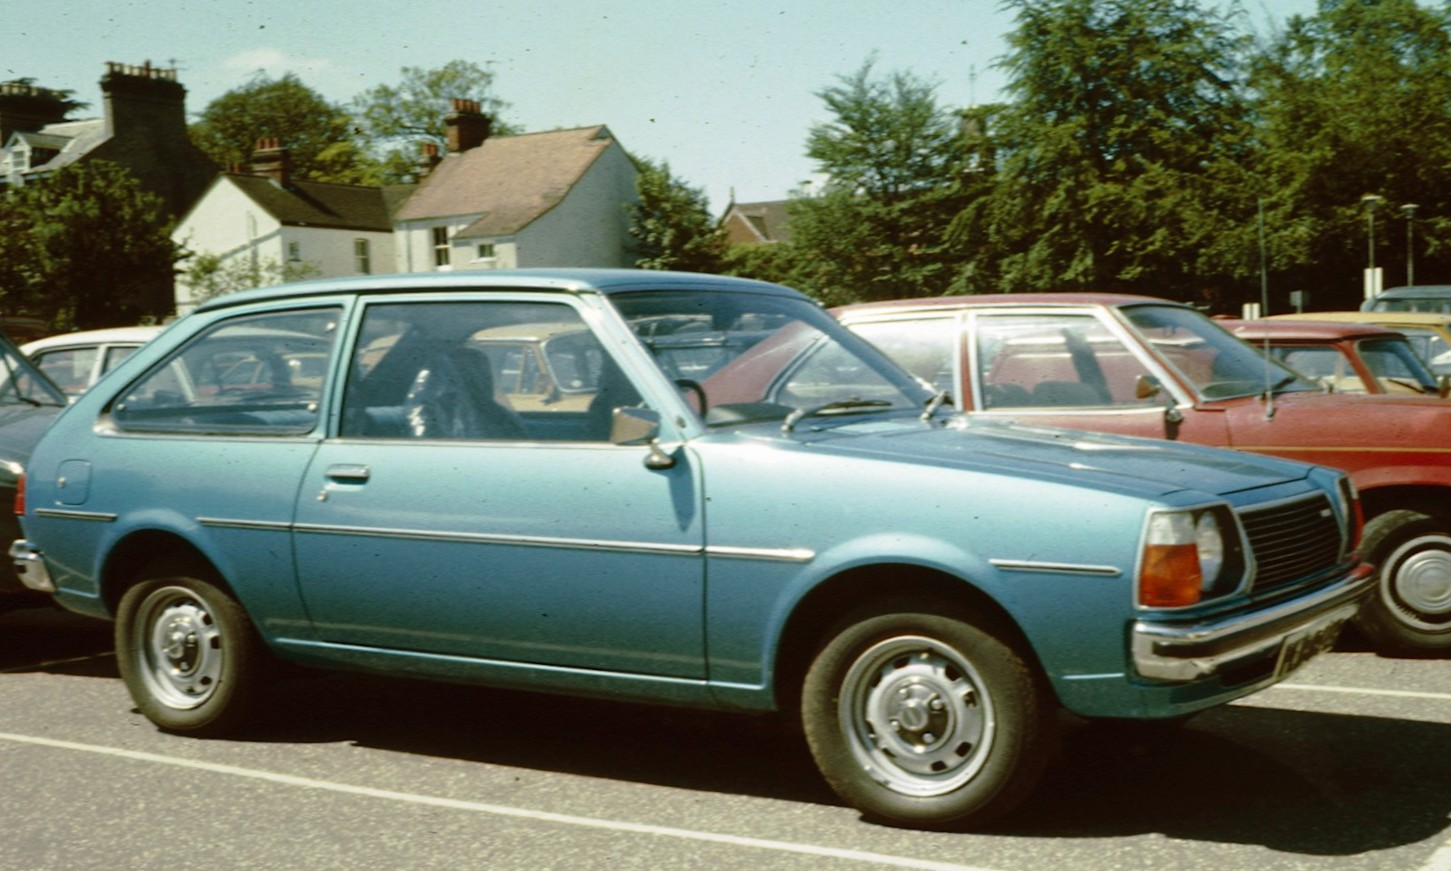 Mazda 323 I (FA) 1977 - 1980 Hatchback 5 door #6